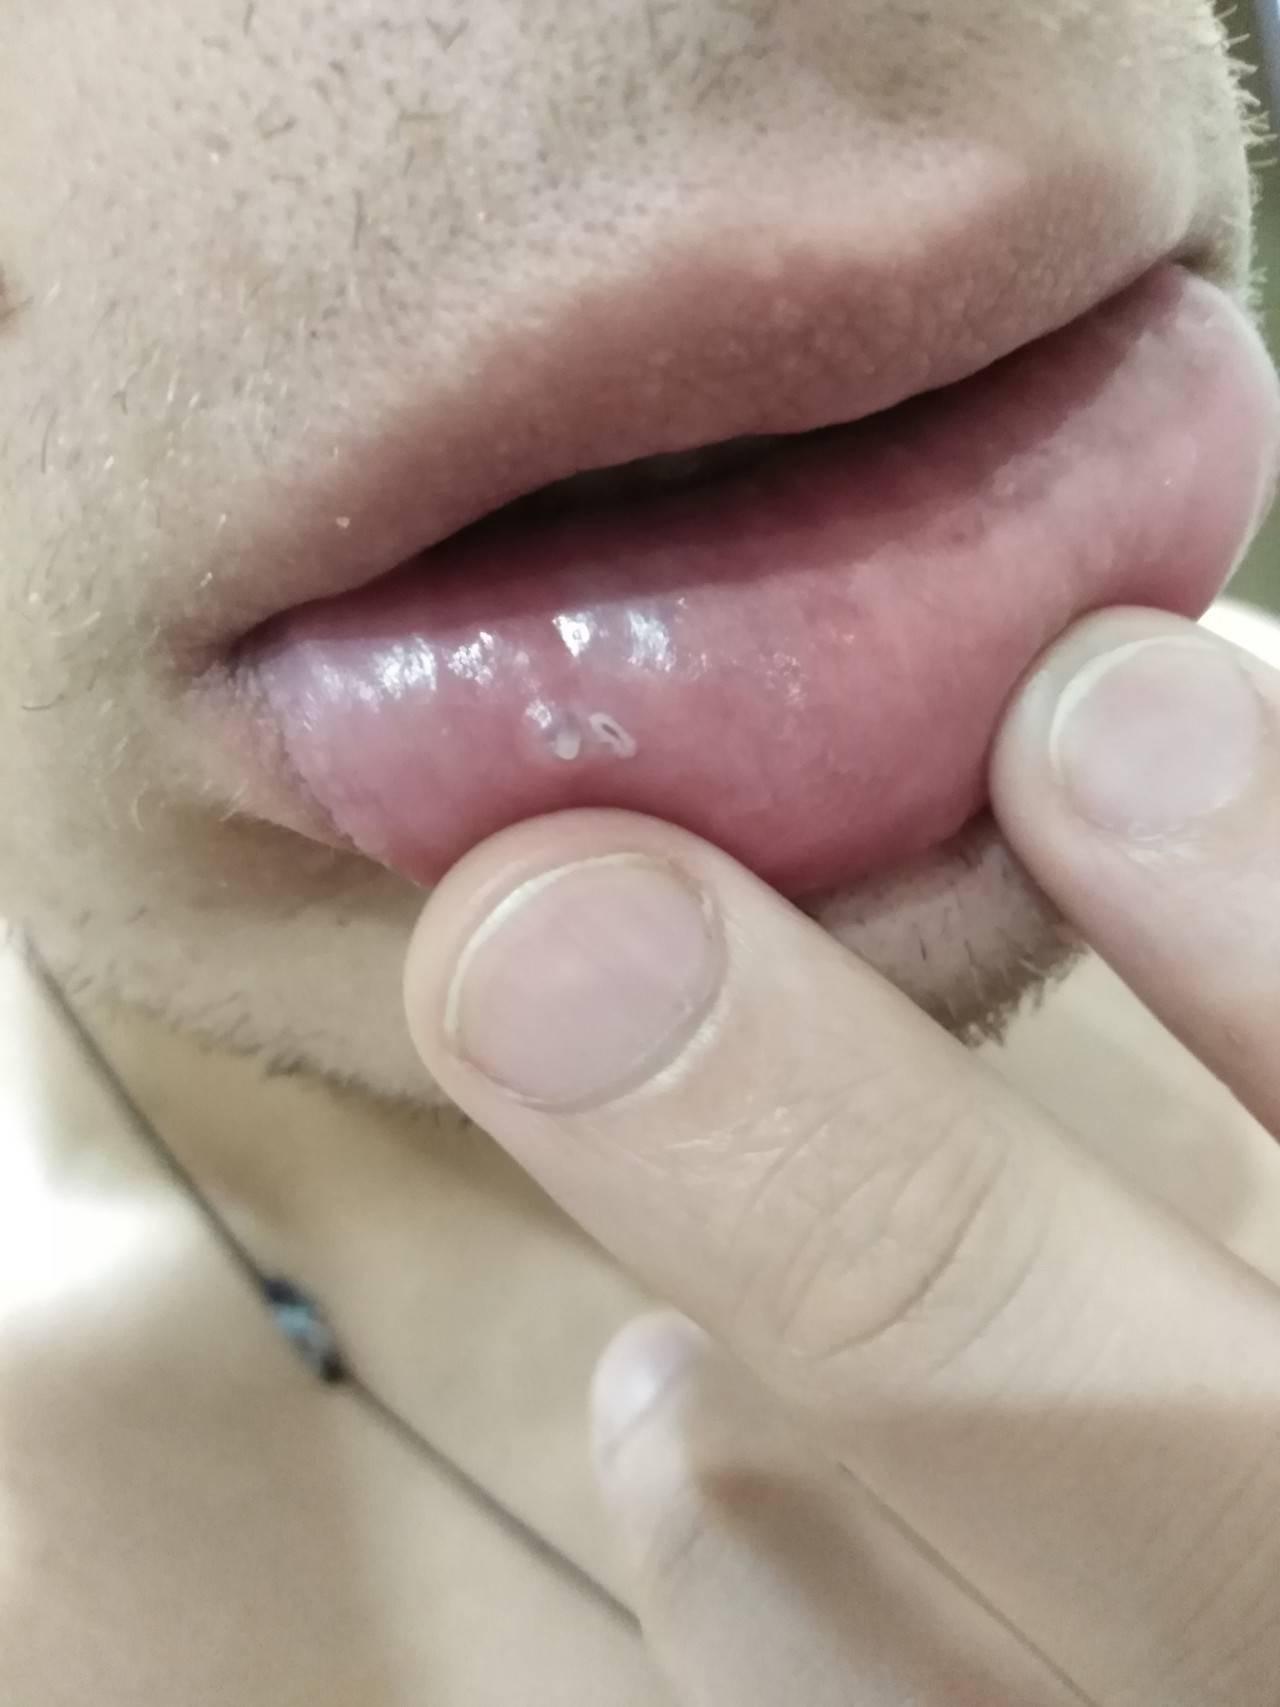 Белые прыщики на внутренней стороне губы во рту: причины и лечение у детей и взрослых